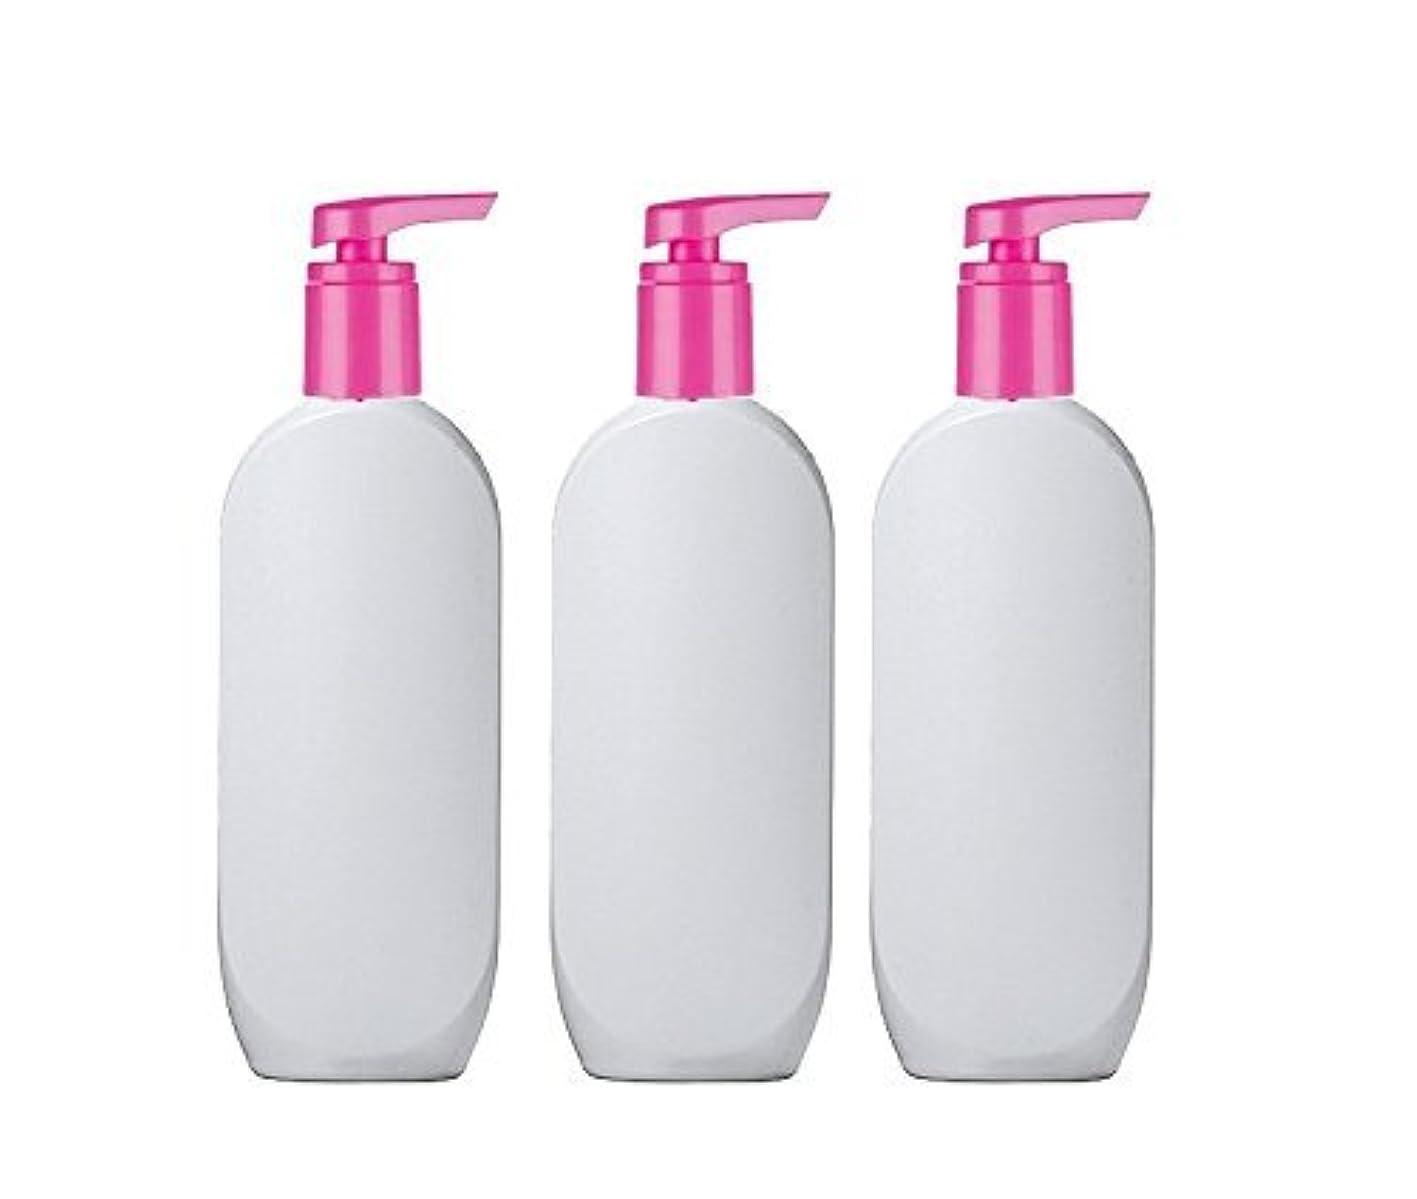 物理的に子供達拮抗3 Grand Parfums HDPE Empire StylsPlastic Lotion Pump Bottles, 8 Oz with Hot Pink Pearlized Caps, for Shampoo,...